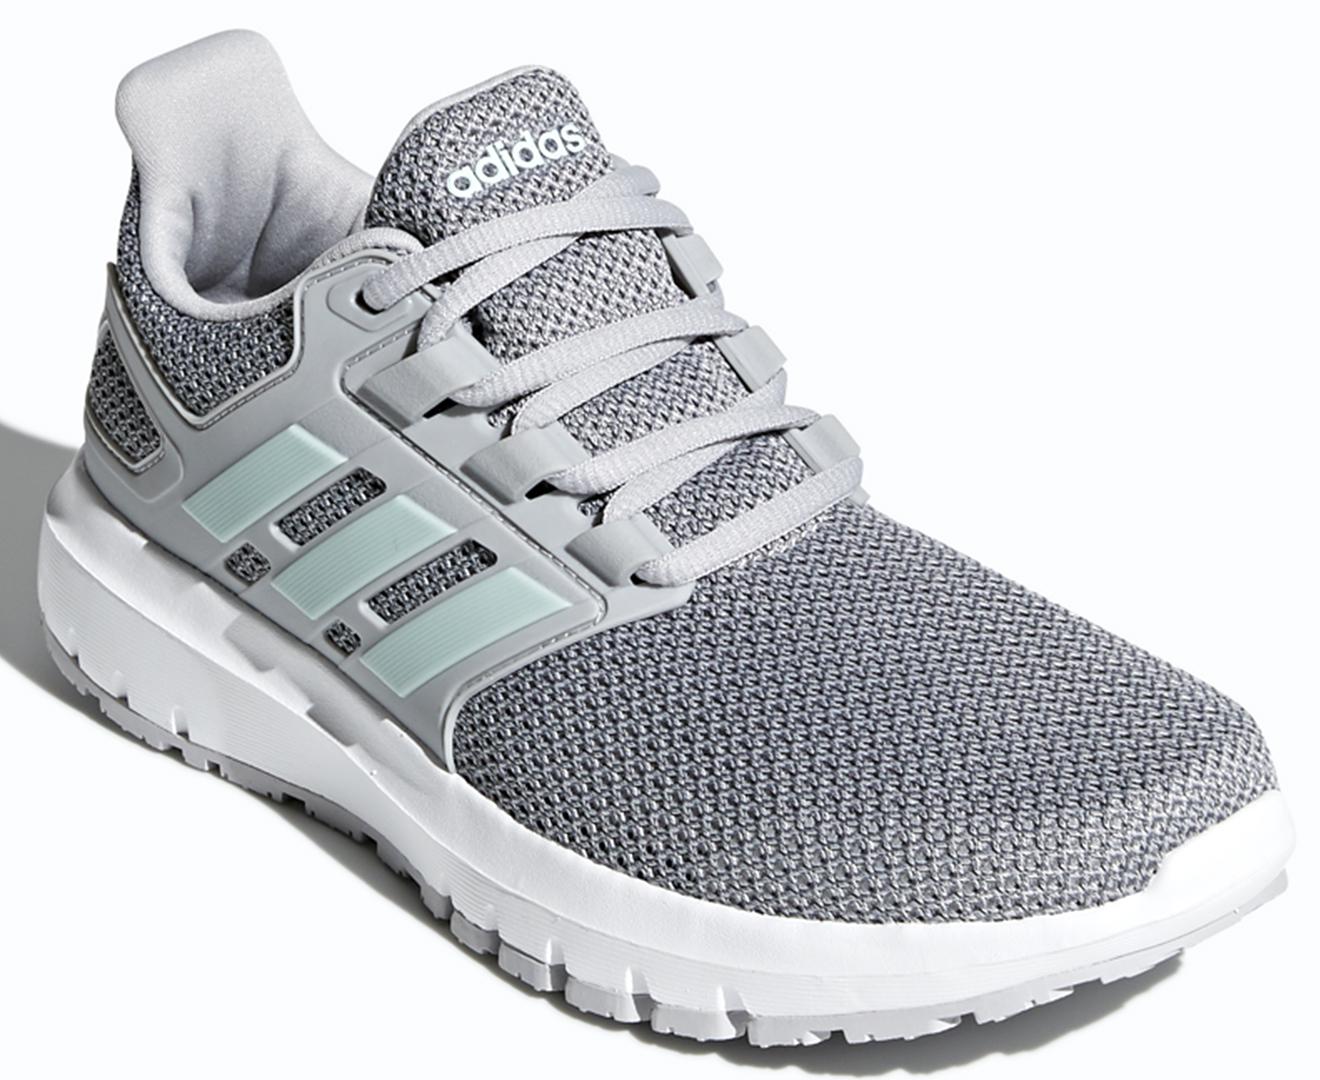 hot sale online f75cc cbc44 Adidas Women s Energy Cloud 2 Shoe - Grey Two Ash Green   Catch.com.au